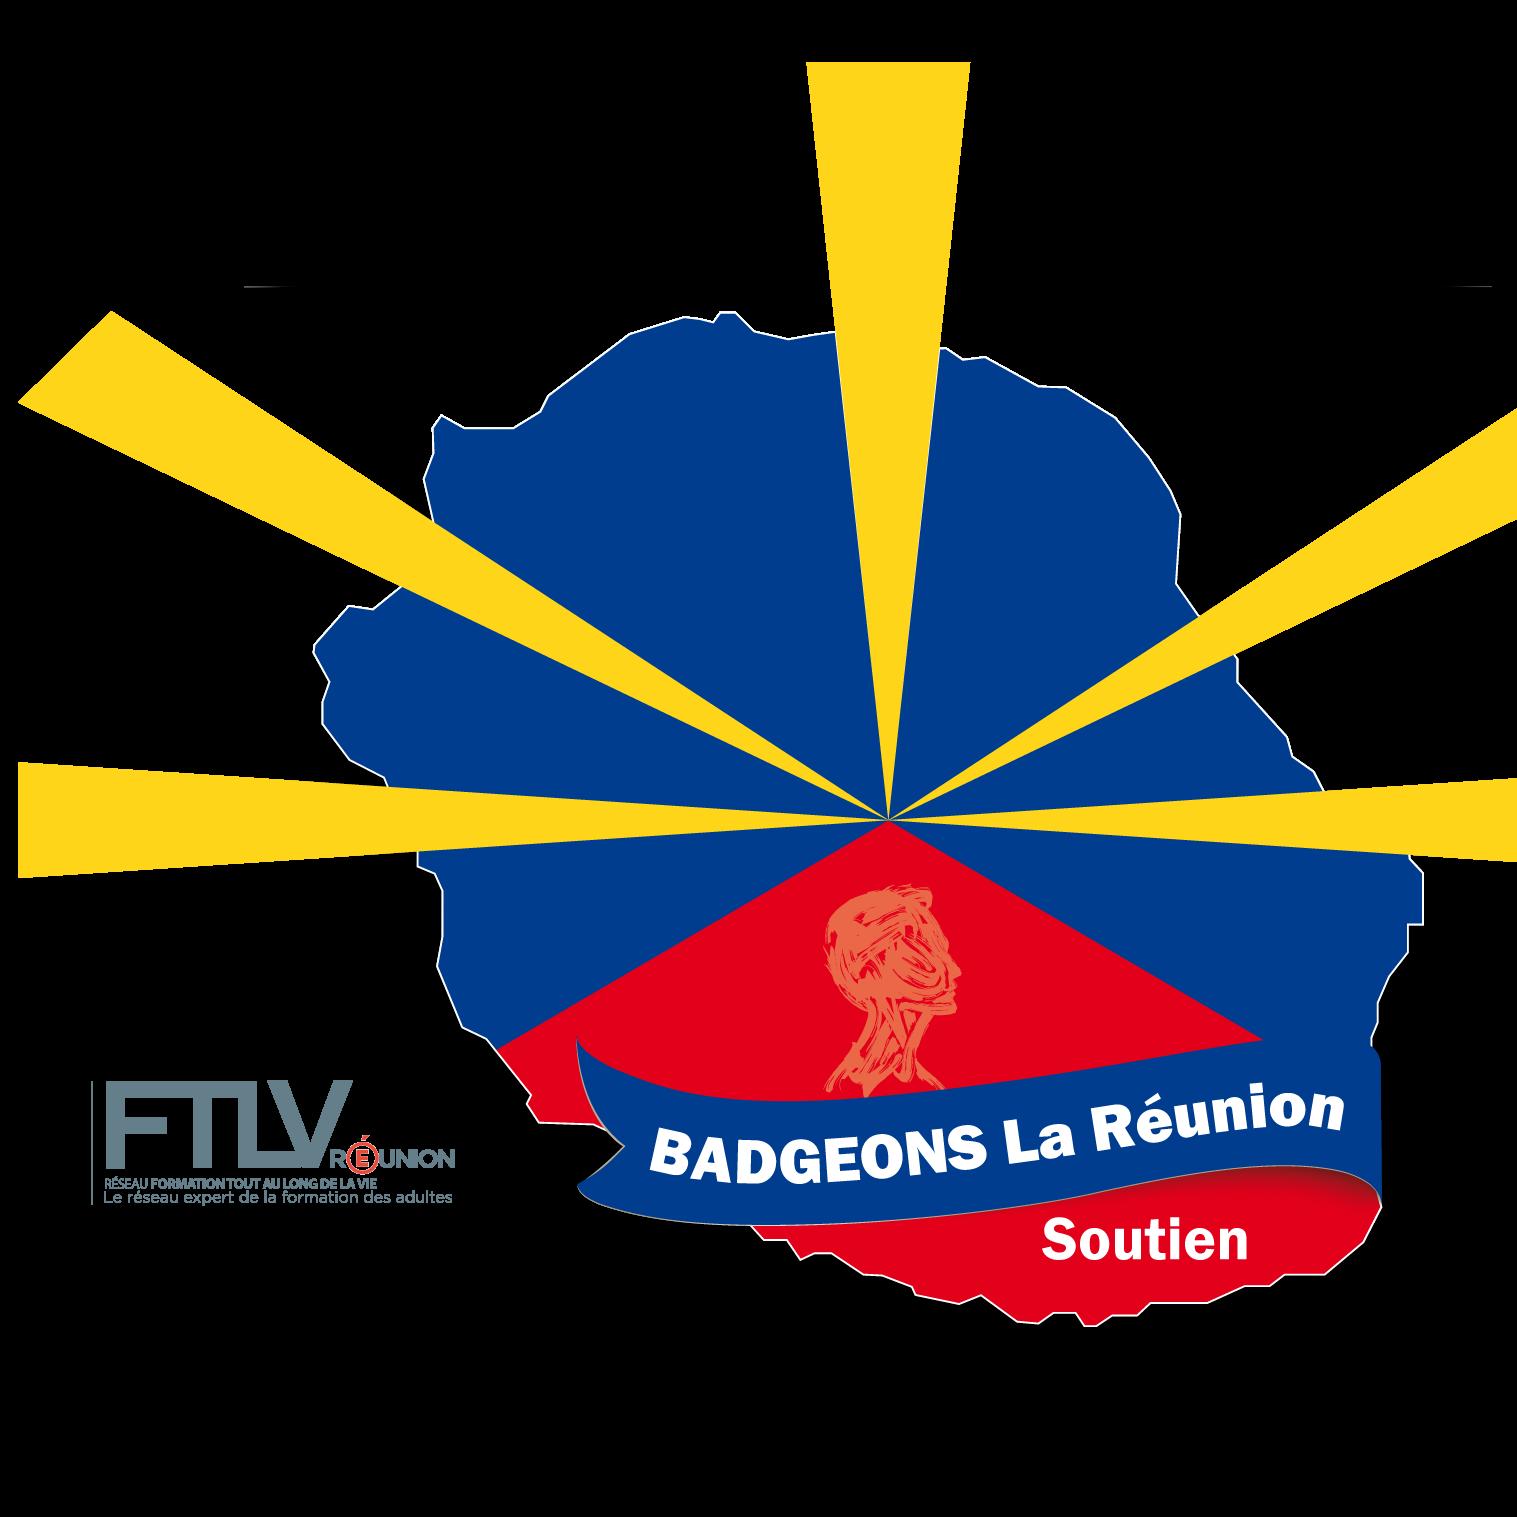 Soutien de Badgeons La Réunion